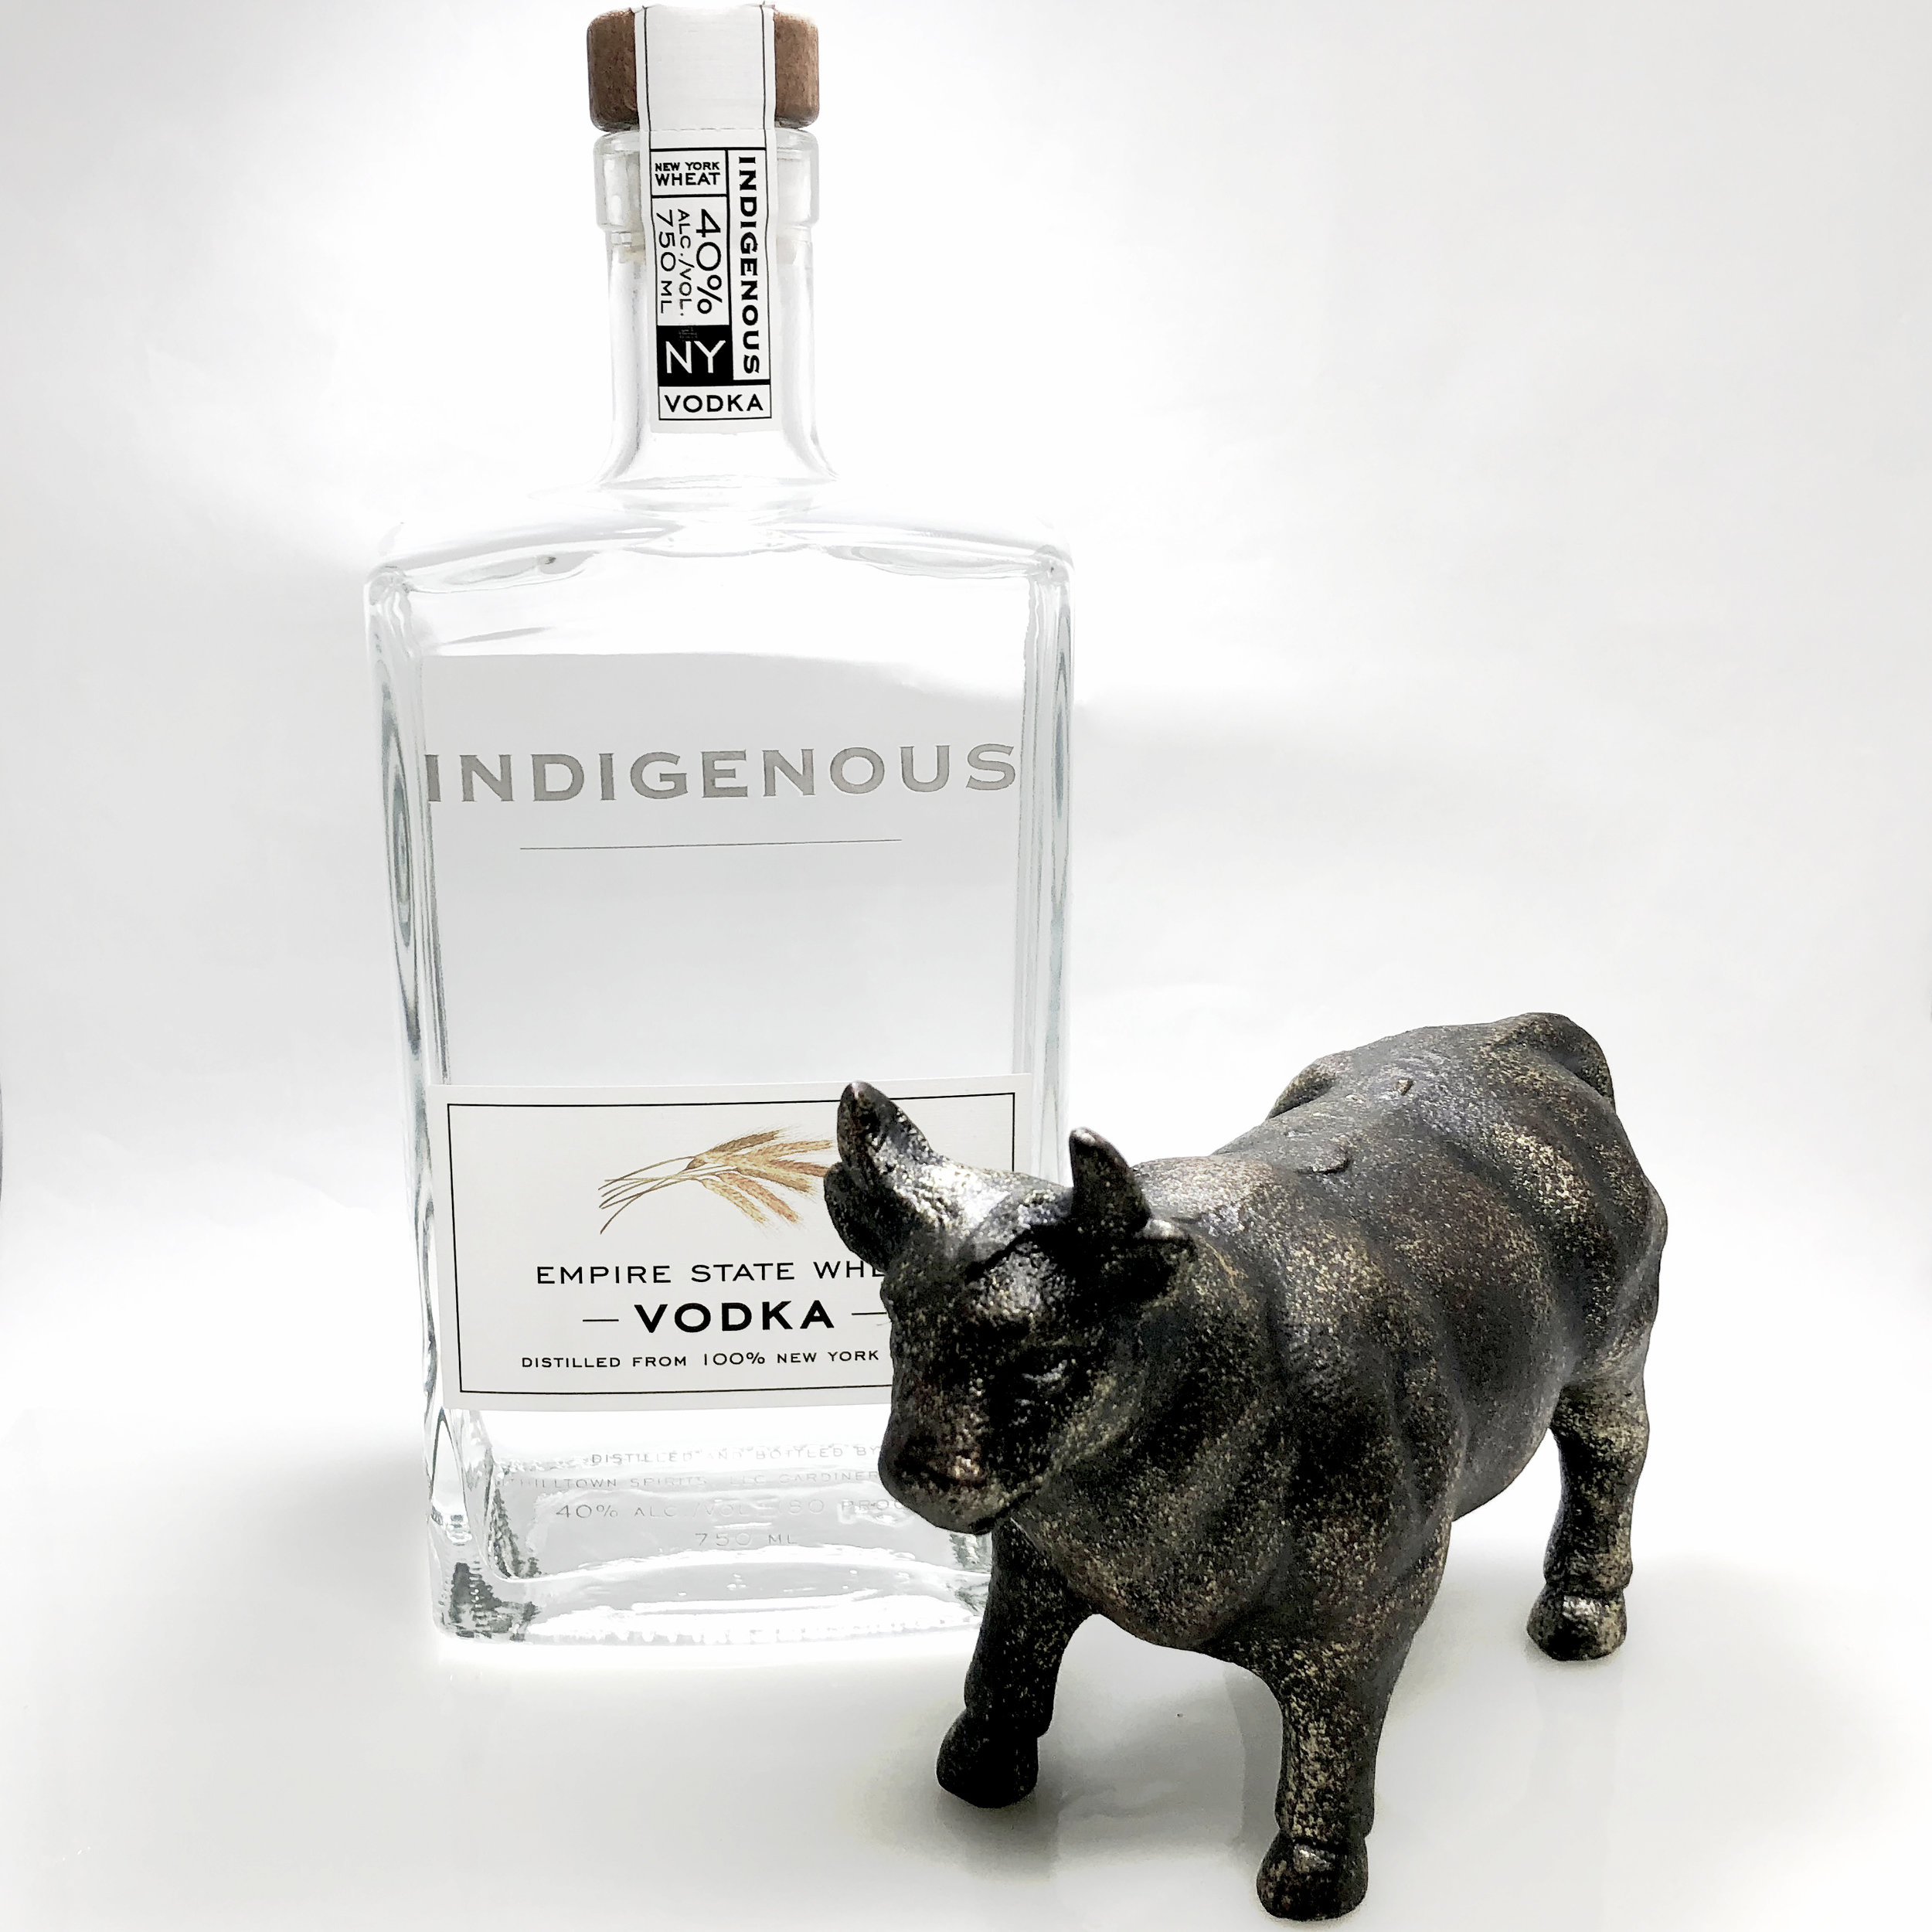 indigenousandbull.jpg